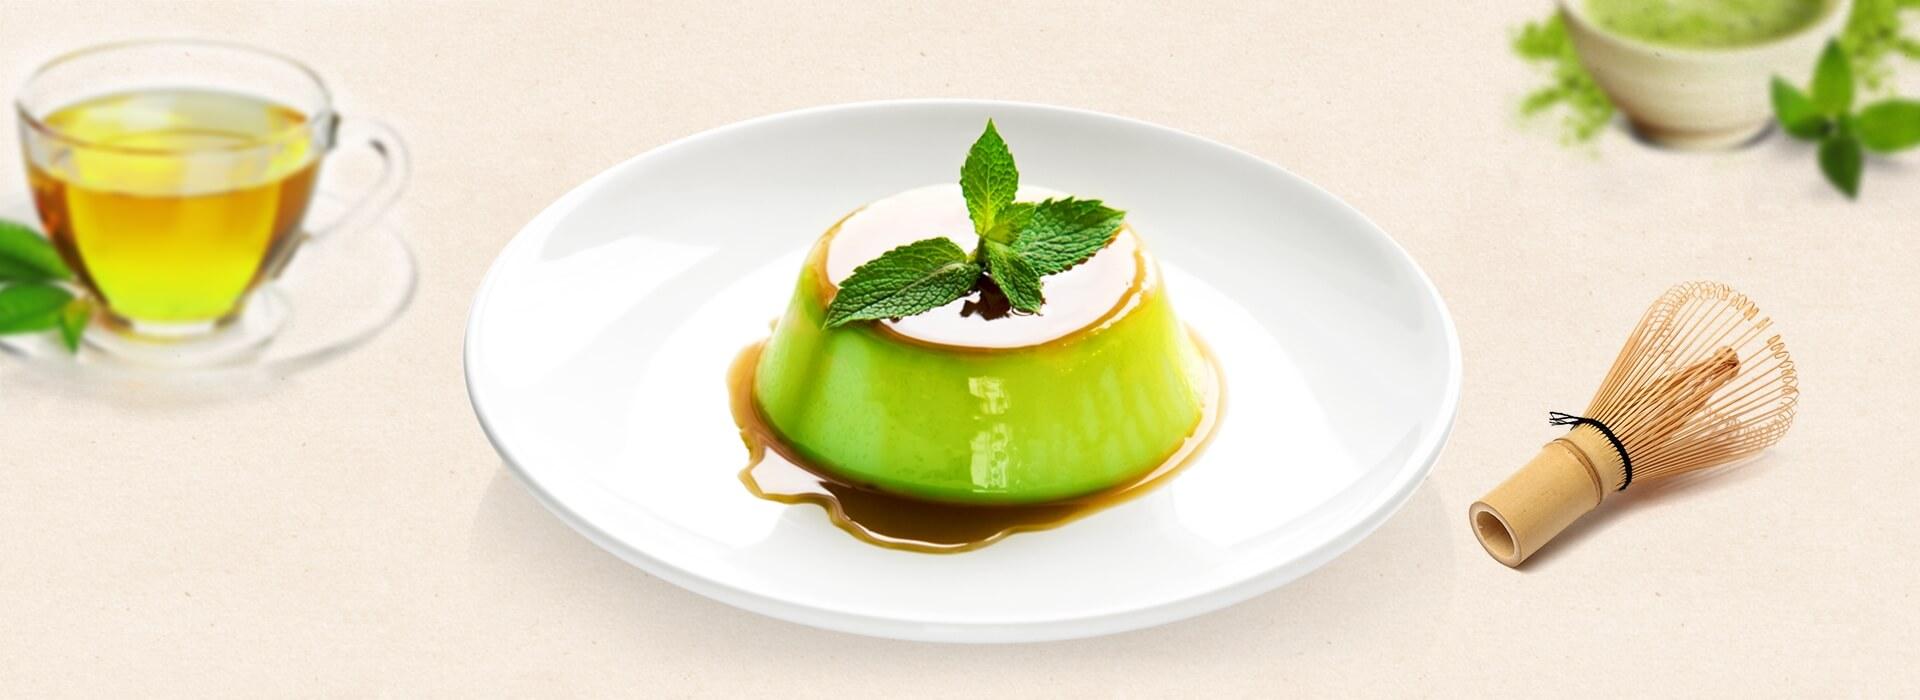 Bánh flan trà xanh bắt mắt ngay từ tạo hình - Ảnh minh họa: Internet